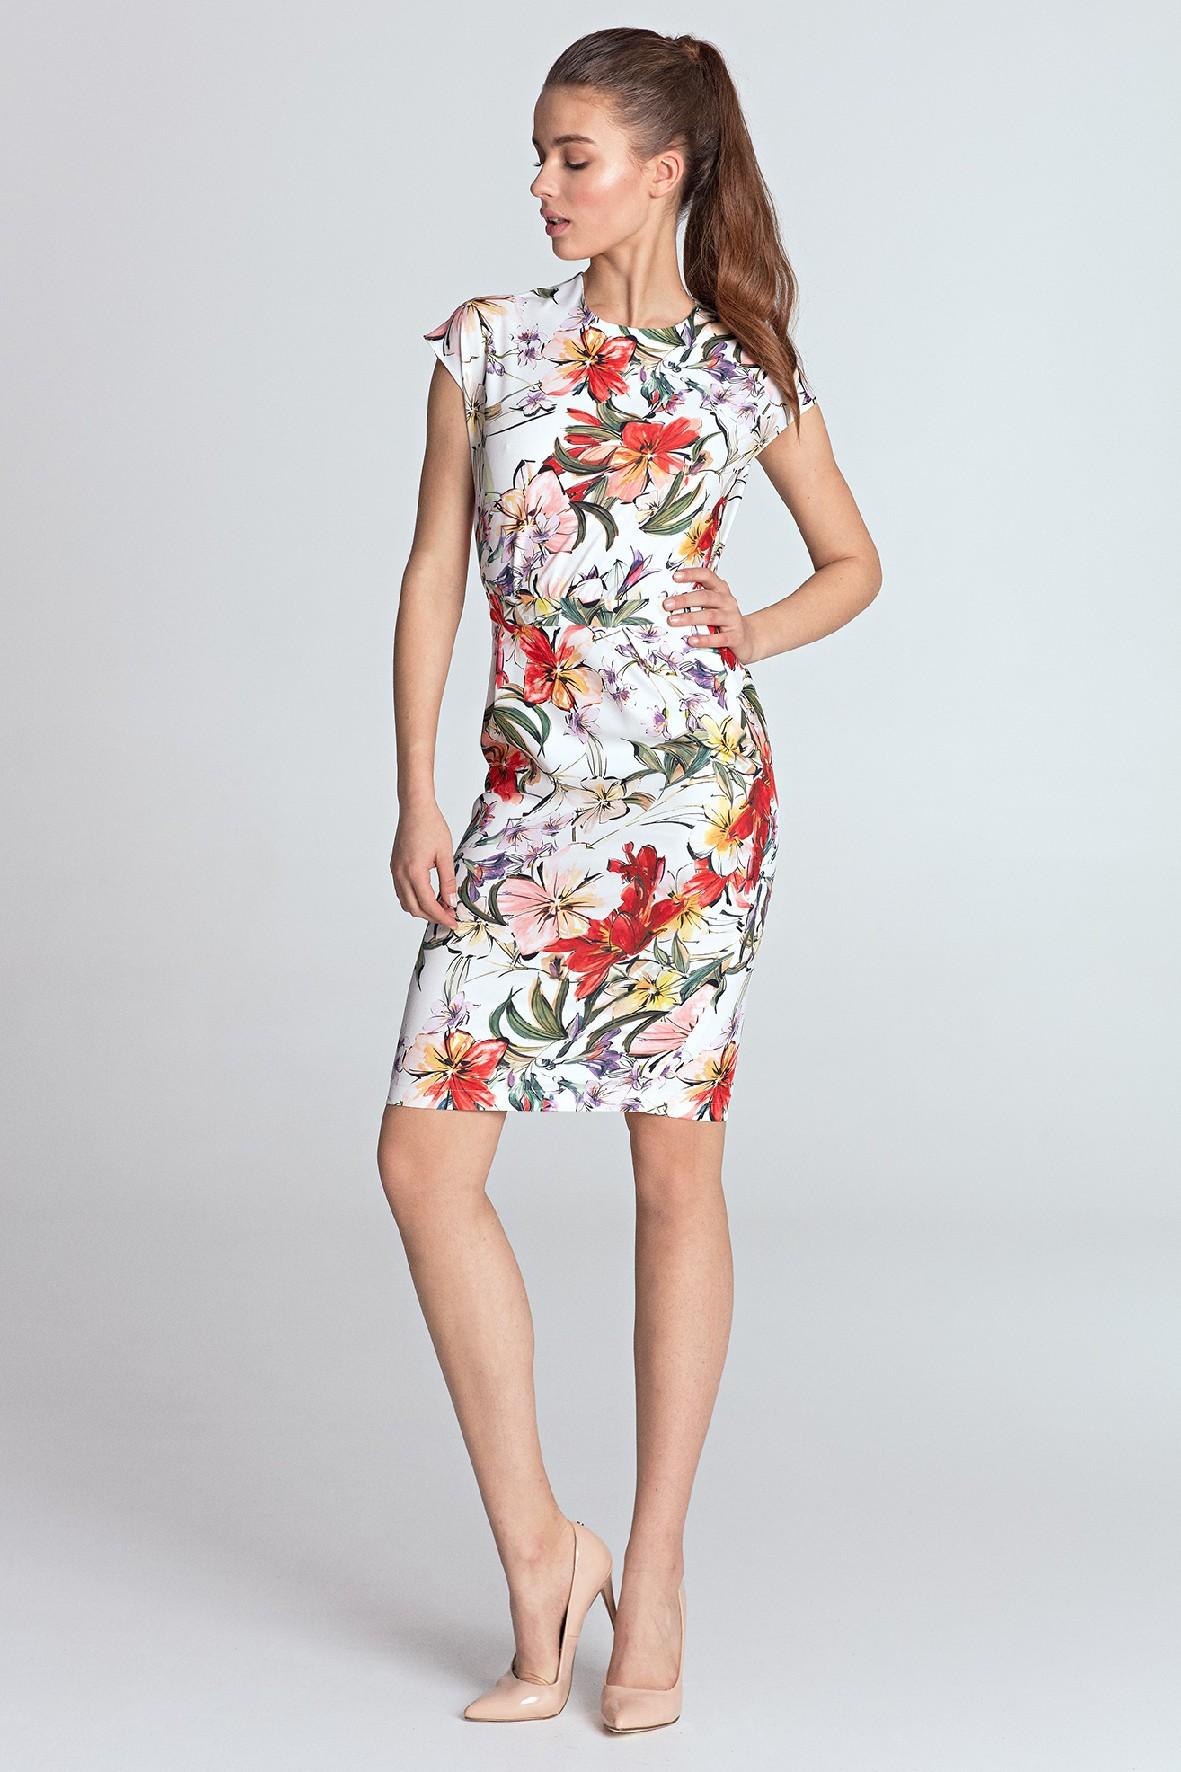 Letnia jasna sukienka damska w kwiaty